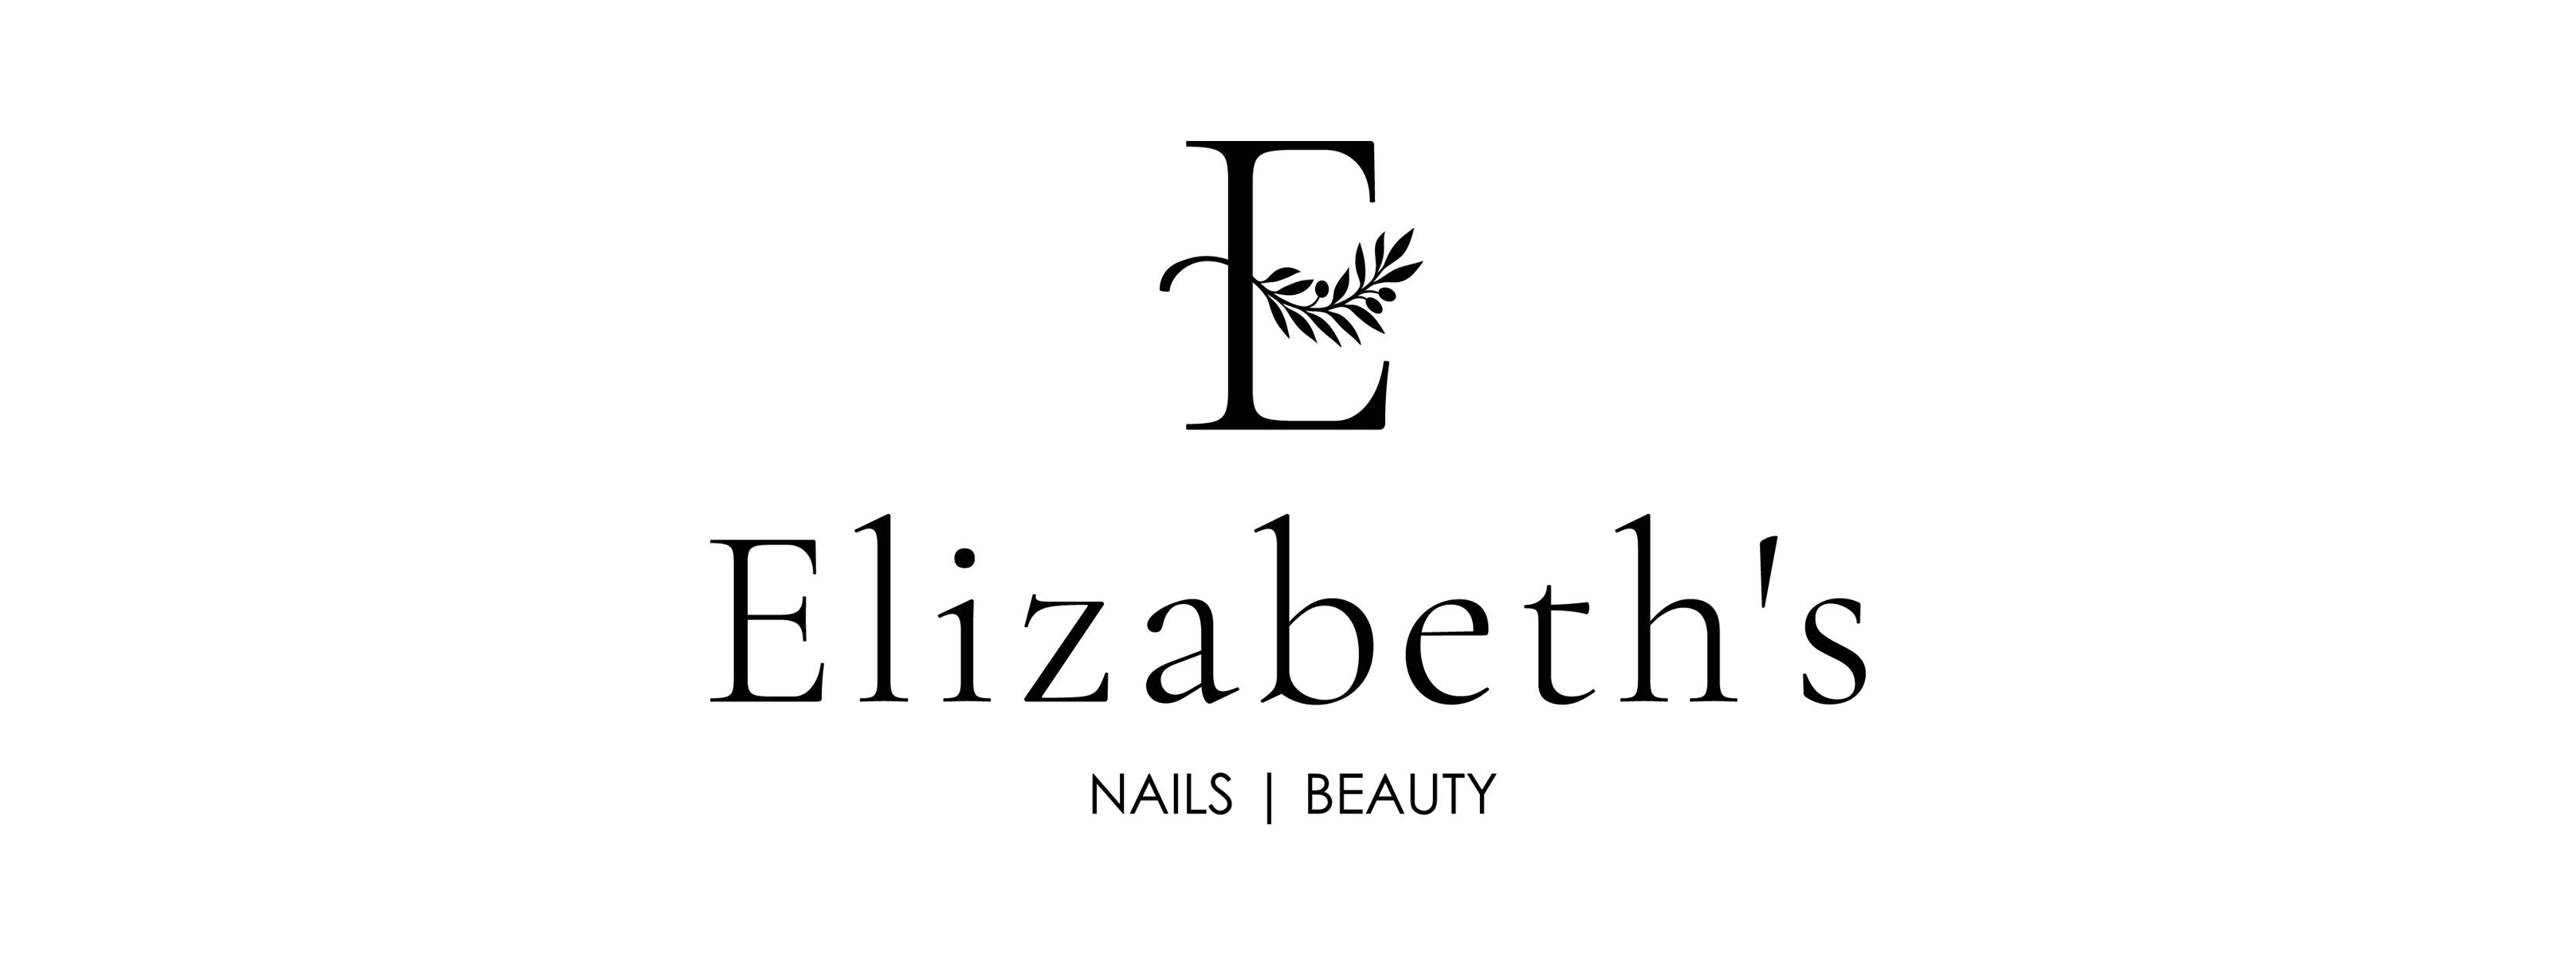 Elizabeth's Beauty & Nail Salon in Nelspruit